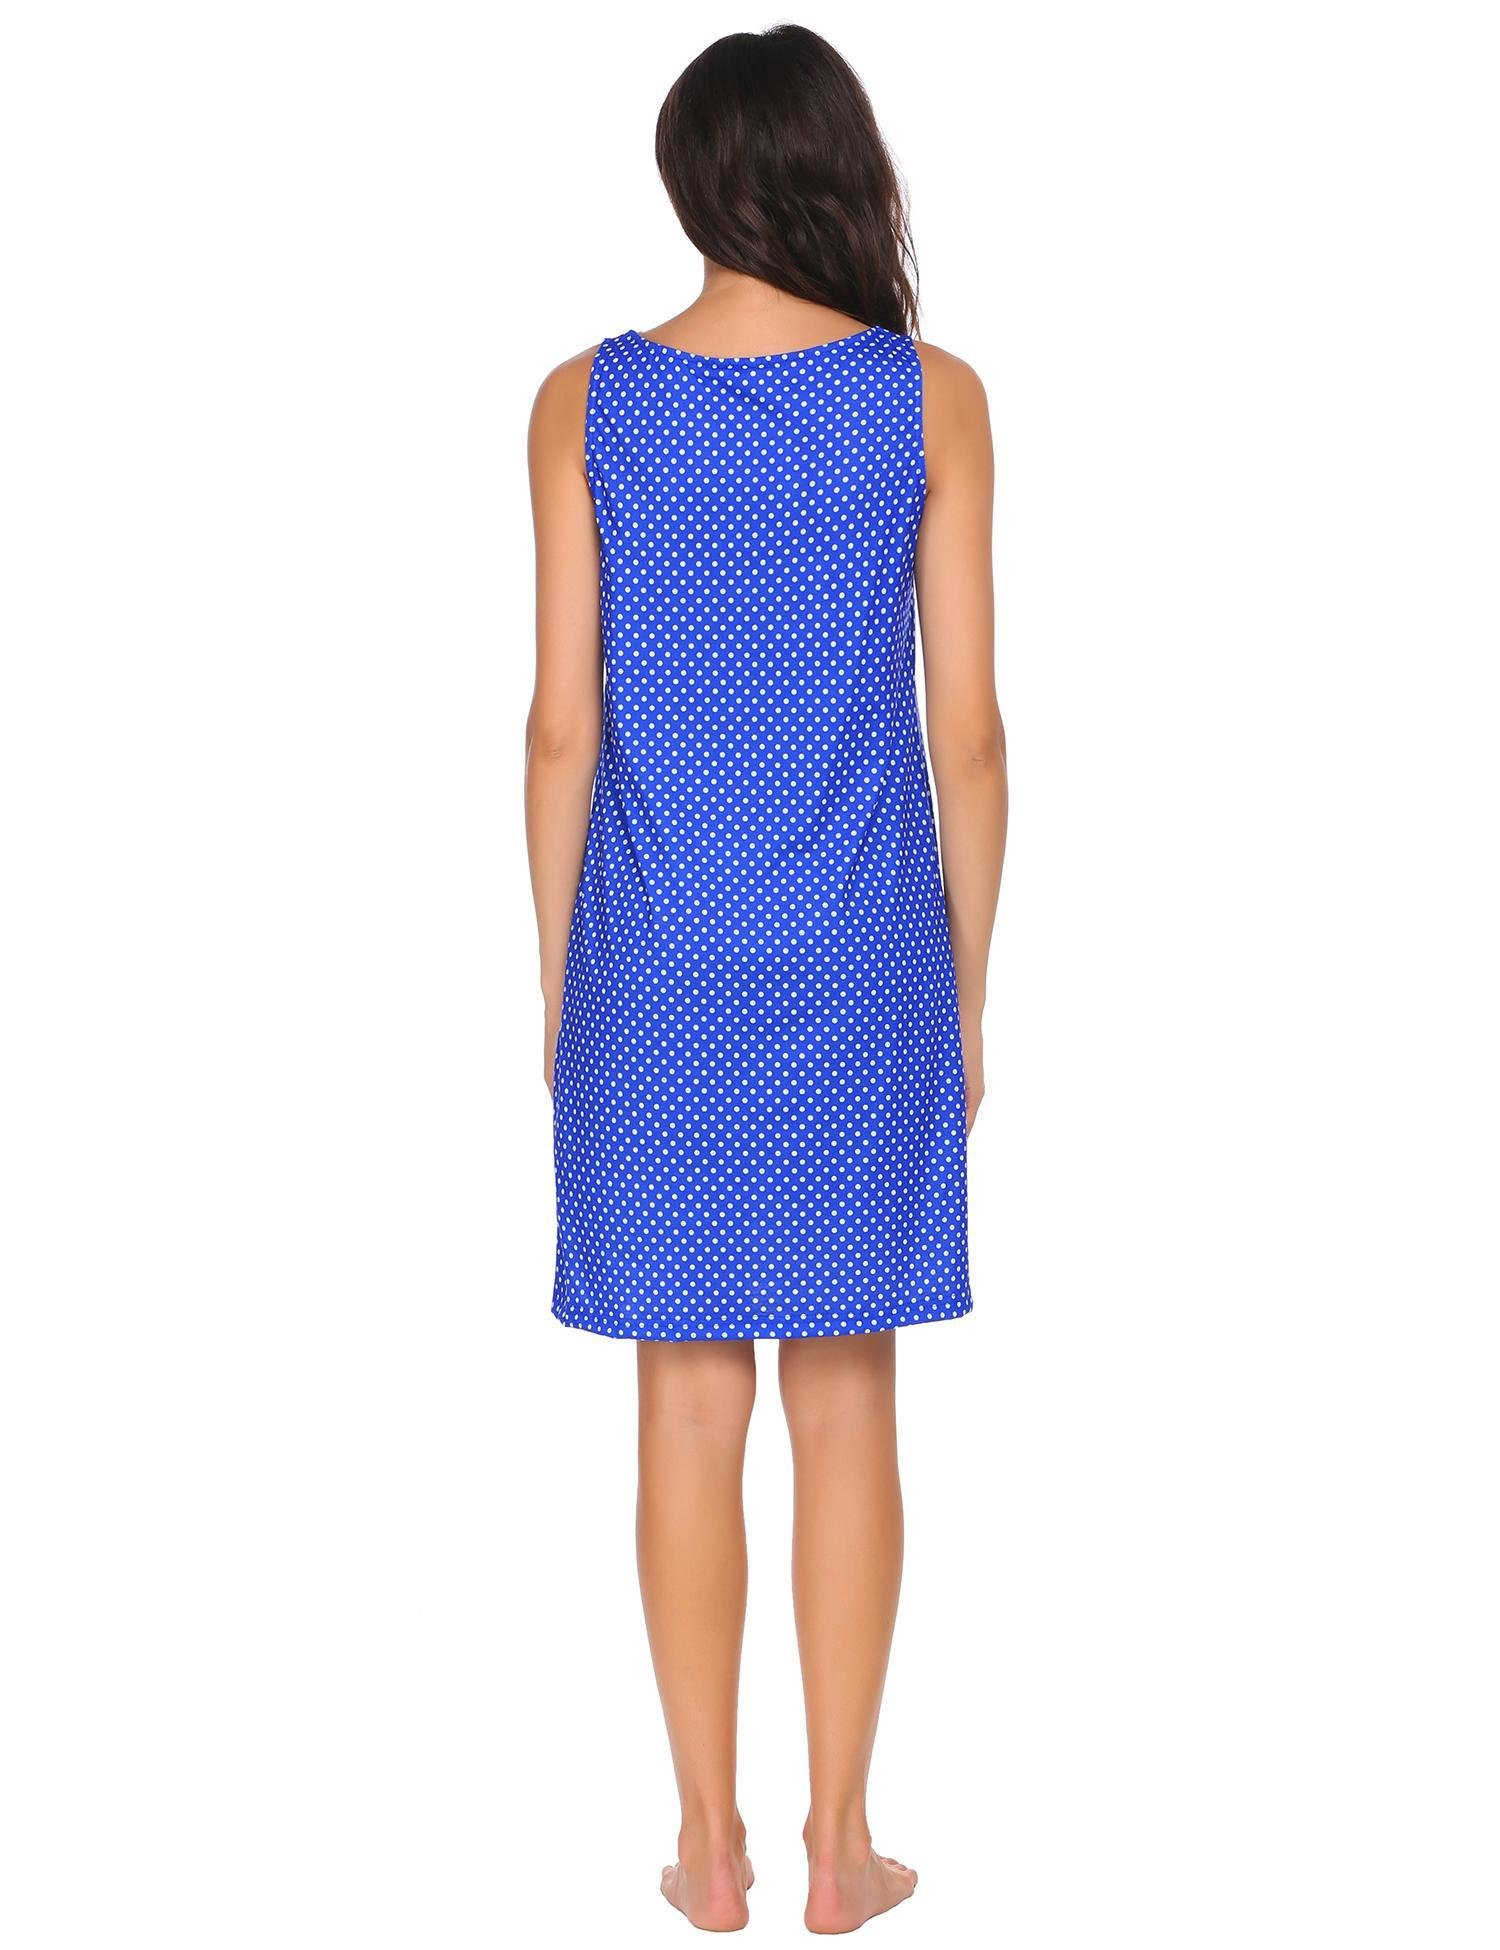 Damen Nachthemd Kleid Baumwolle spitze,6878_Blau,Small